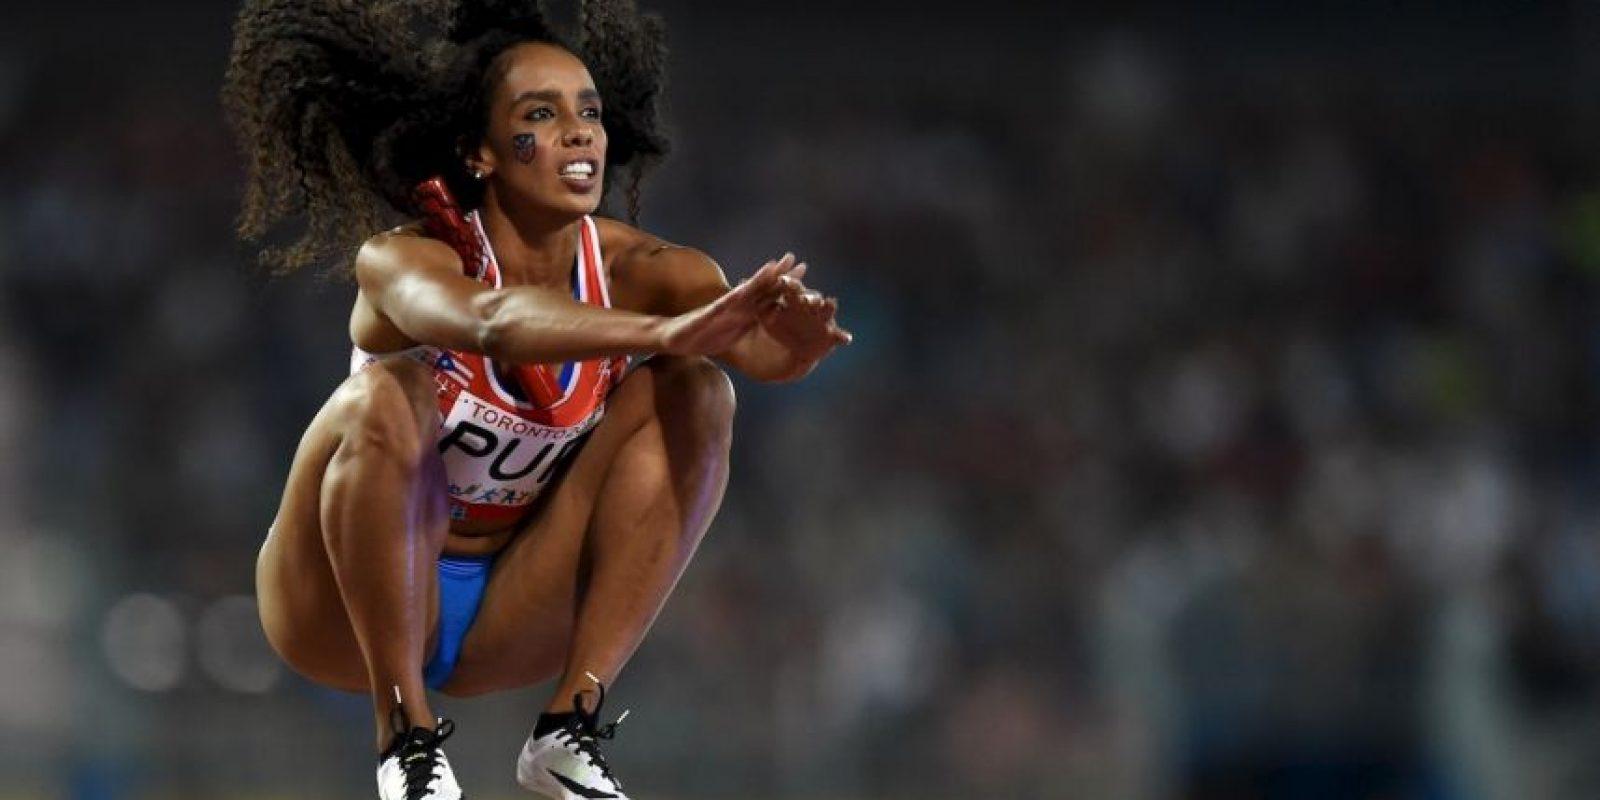 La puertorriqueña Carol Rodríguez en los Juegos Panamericanos 2015. Foto:AFP